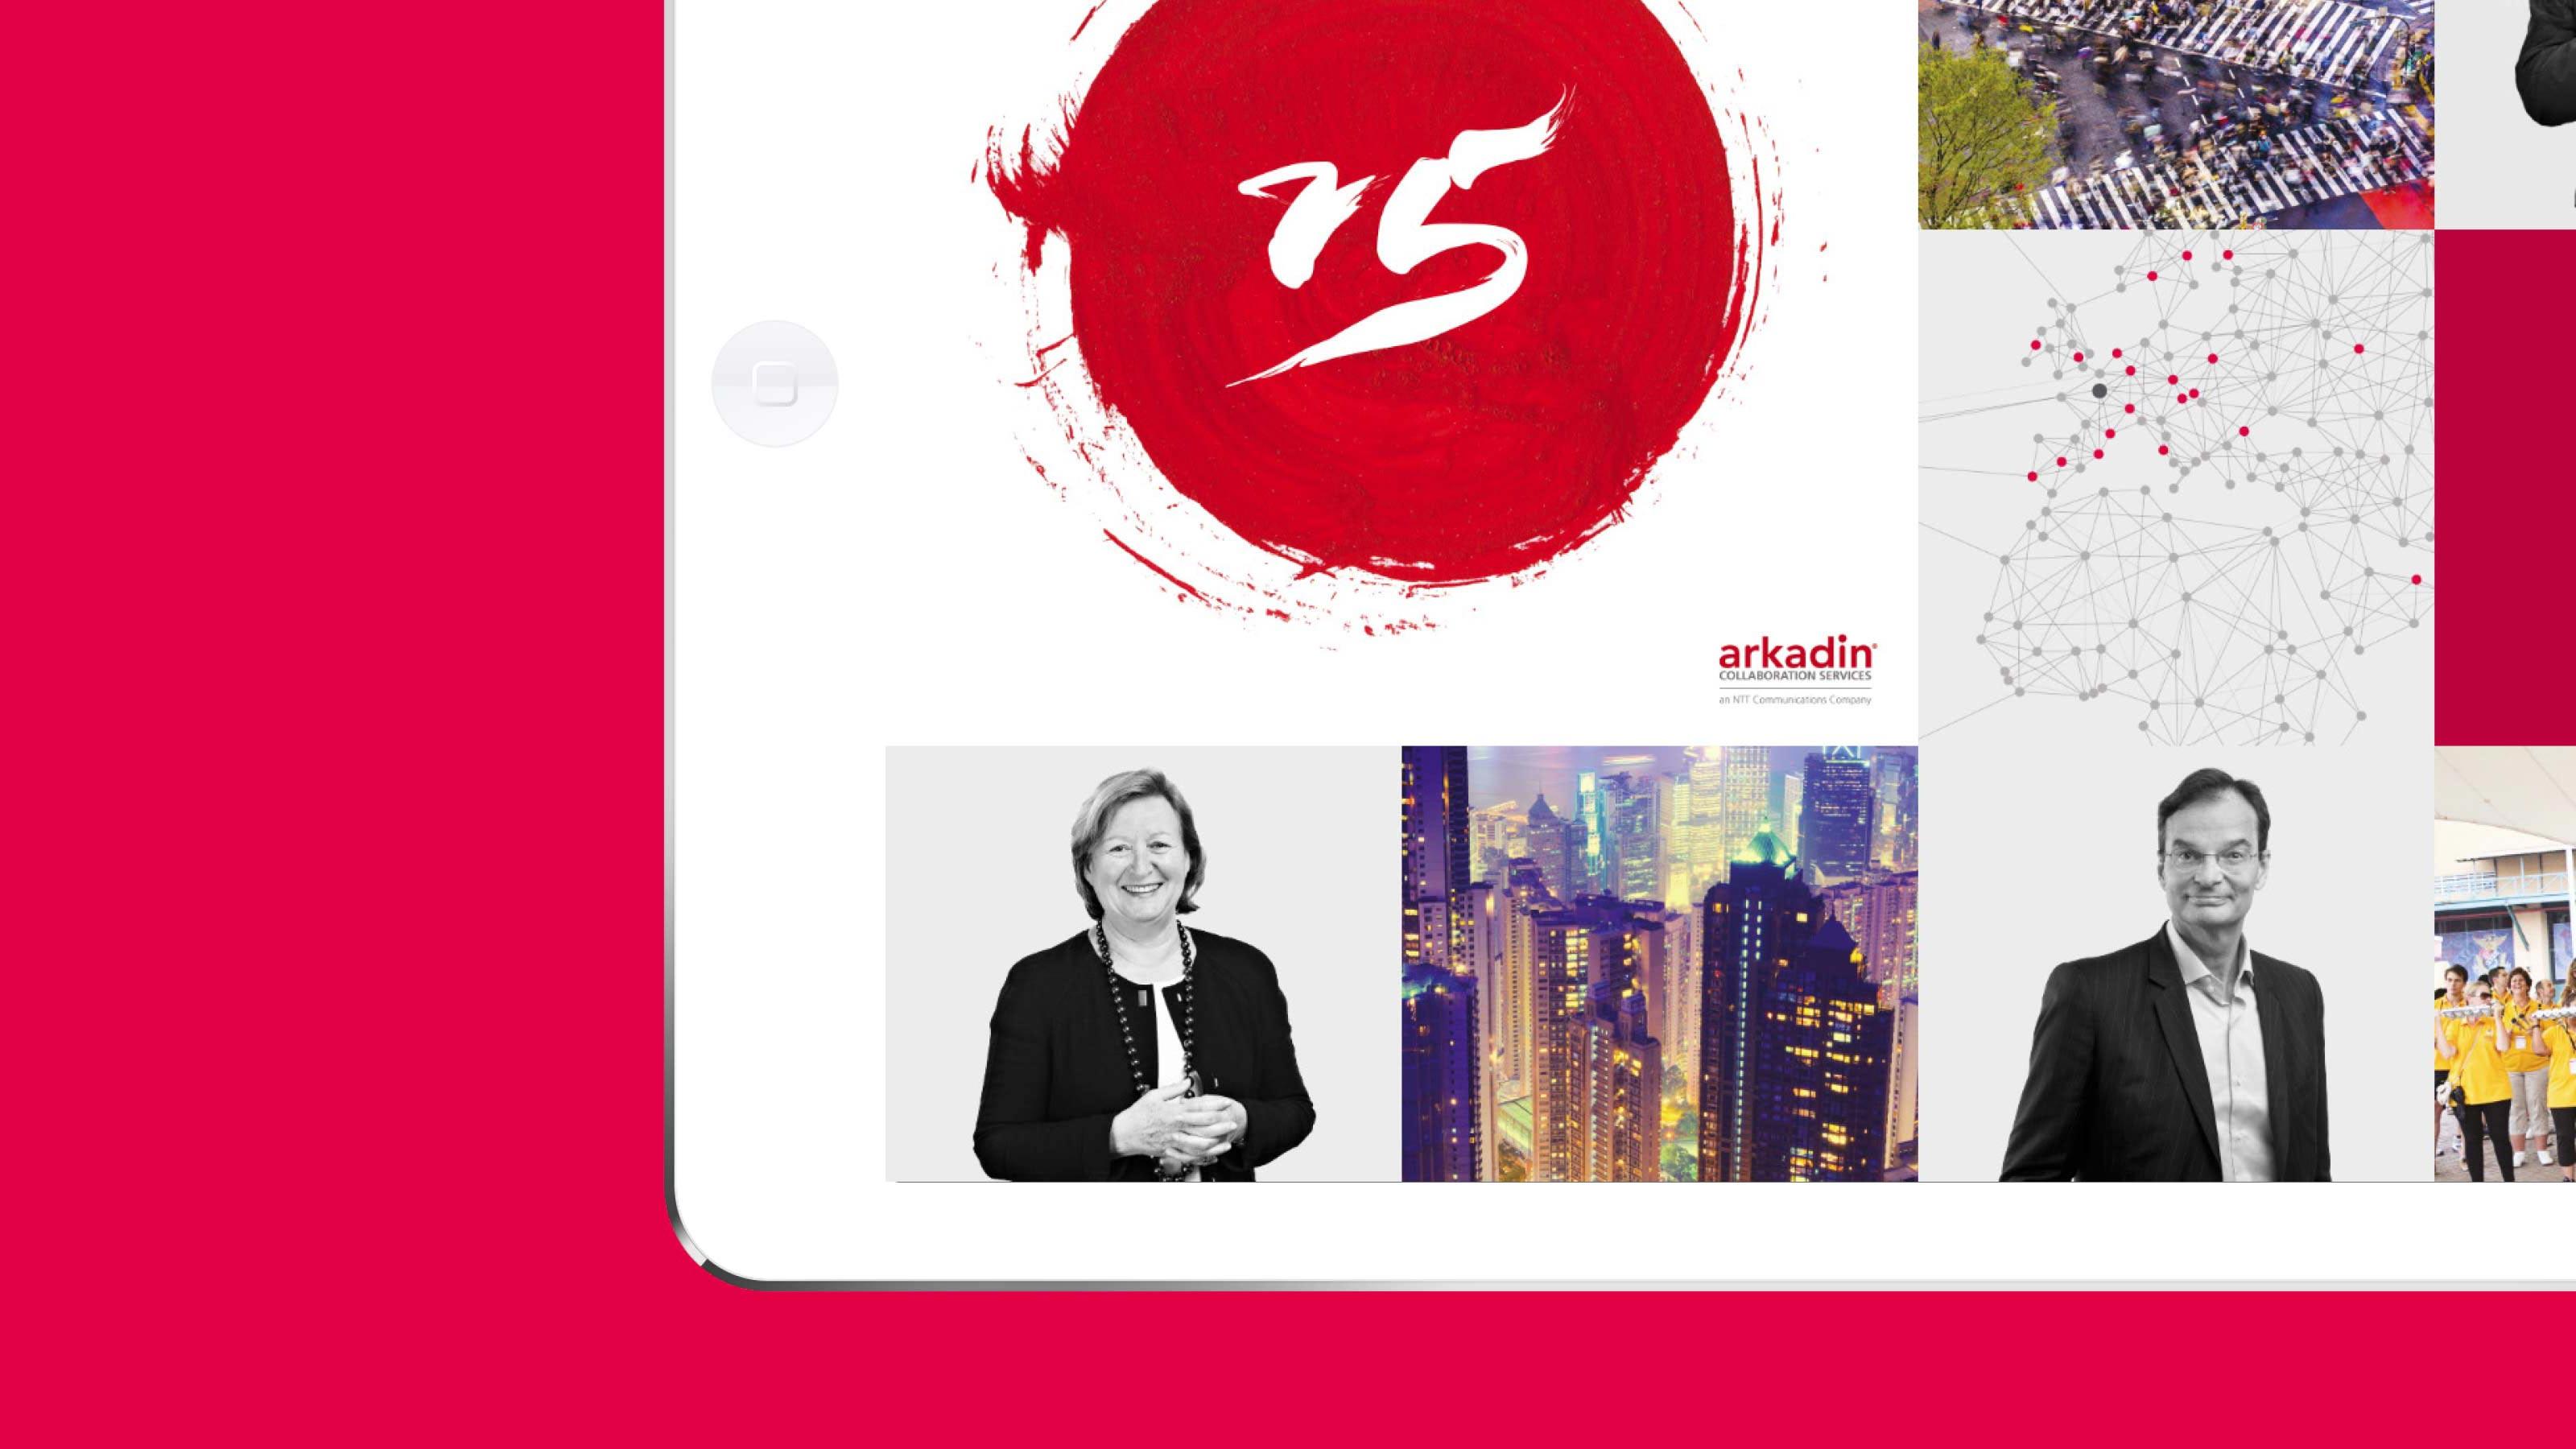 Marketing images layout Arkadin